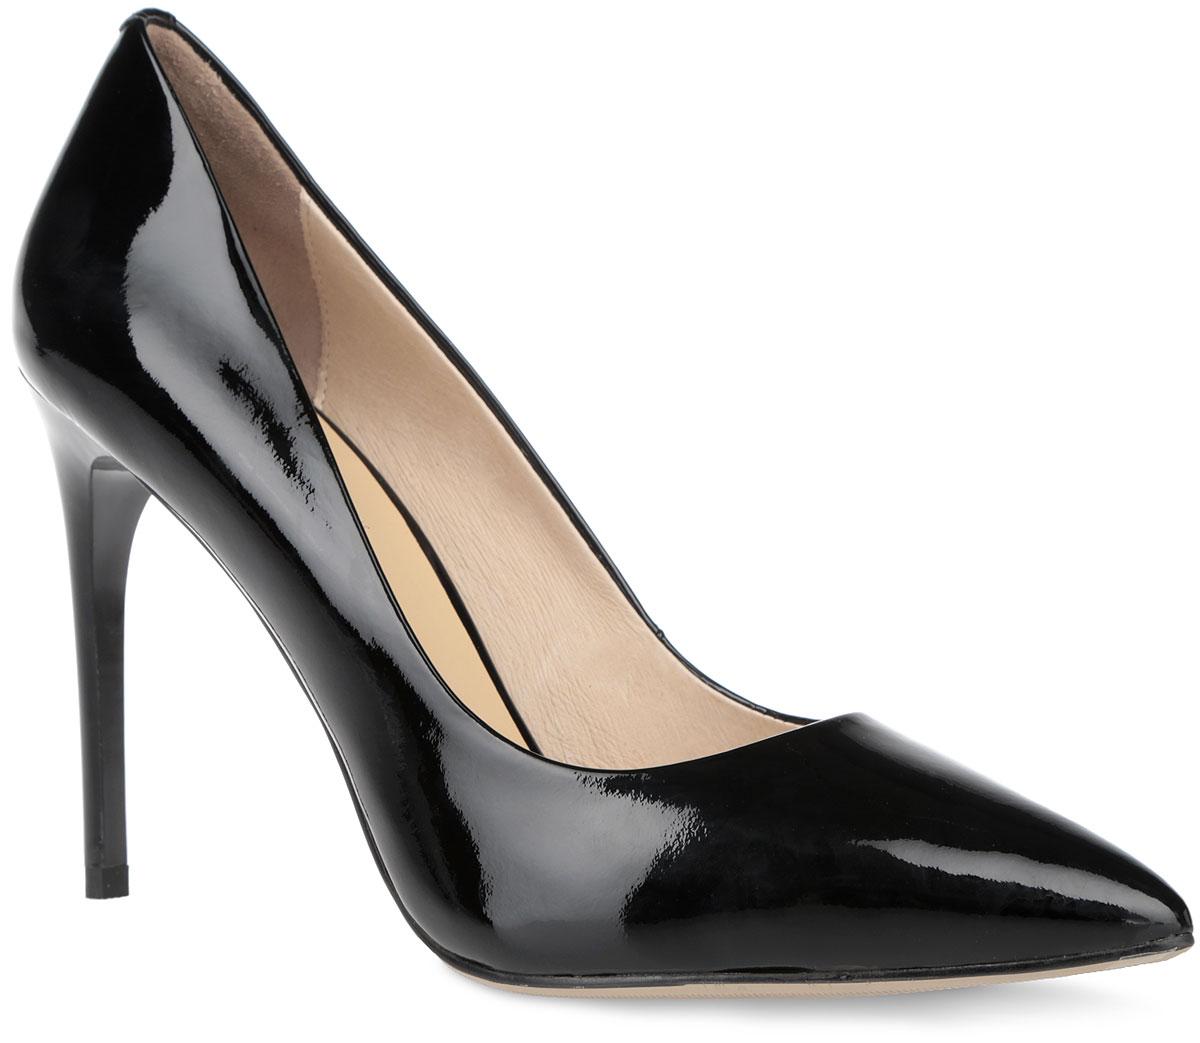 Туфли женские. 732073200Элегантные и лаконичные туфли от Vitacci не оставят вас незамеченной! Модель выполнена из натуральной лакированной кожи. Заостренный носок смотрится невероятно женственно. Стелька из натуральной кожи с названием бренда комфортна при ходьбе. Высокий каблук устойчив. Рифленая поверхность каблука и подошвы гарантирует отличное сцепление с любыми поверхностями. Стильные туфли - незаменимая вещь в гардеробе настоящей модницы! Они подчеркнут ваш стиль и индивидуальность.